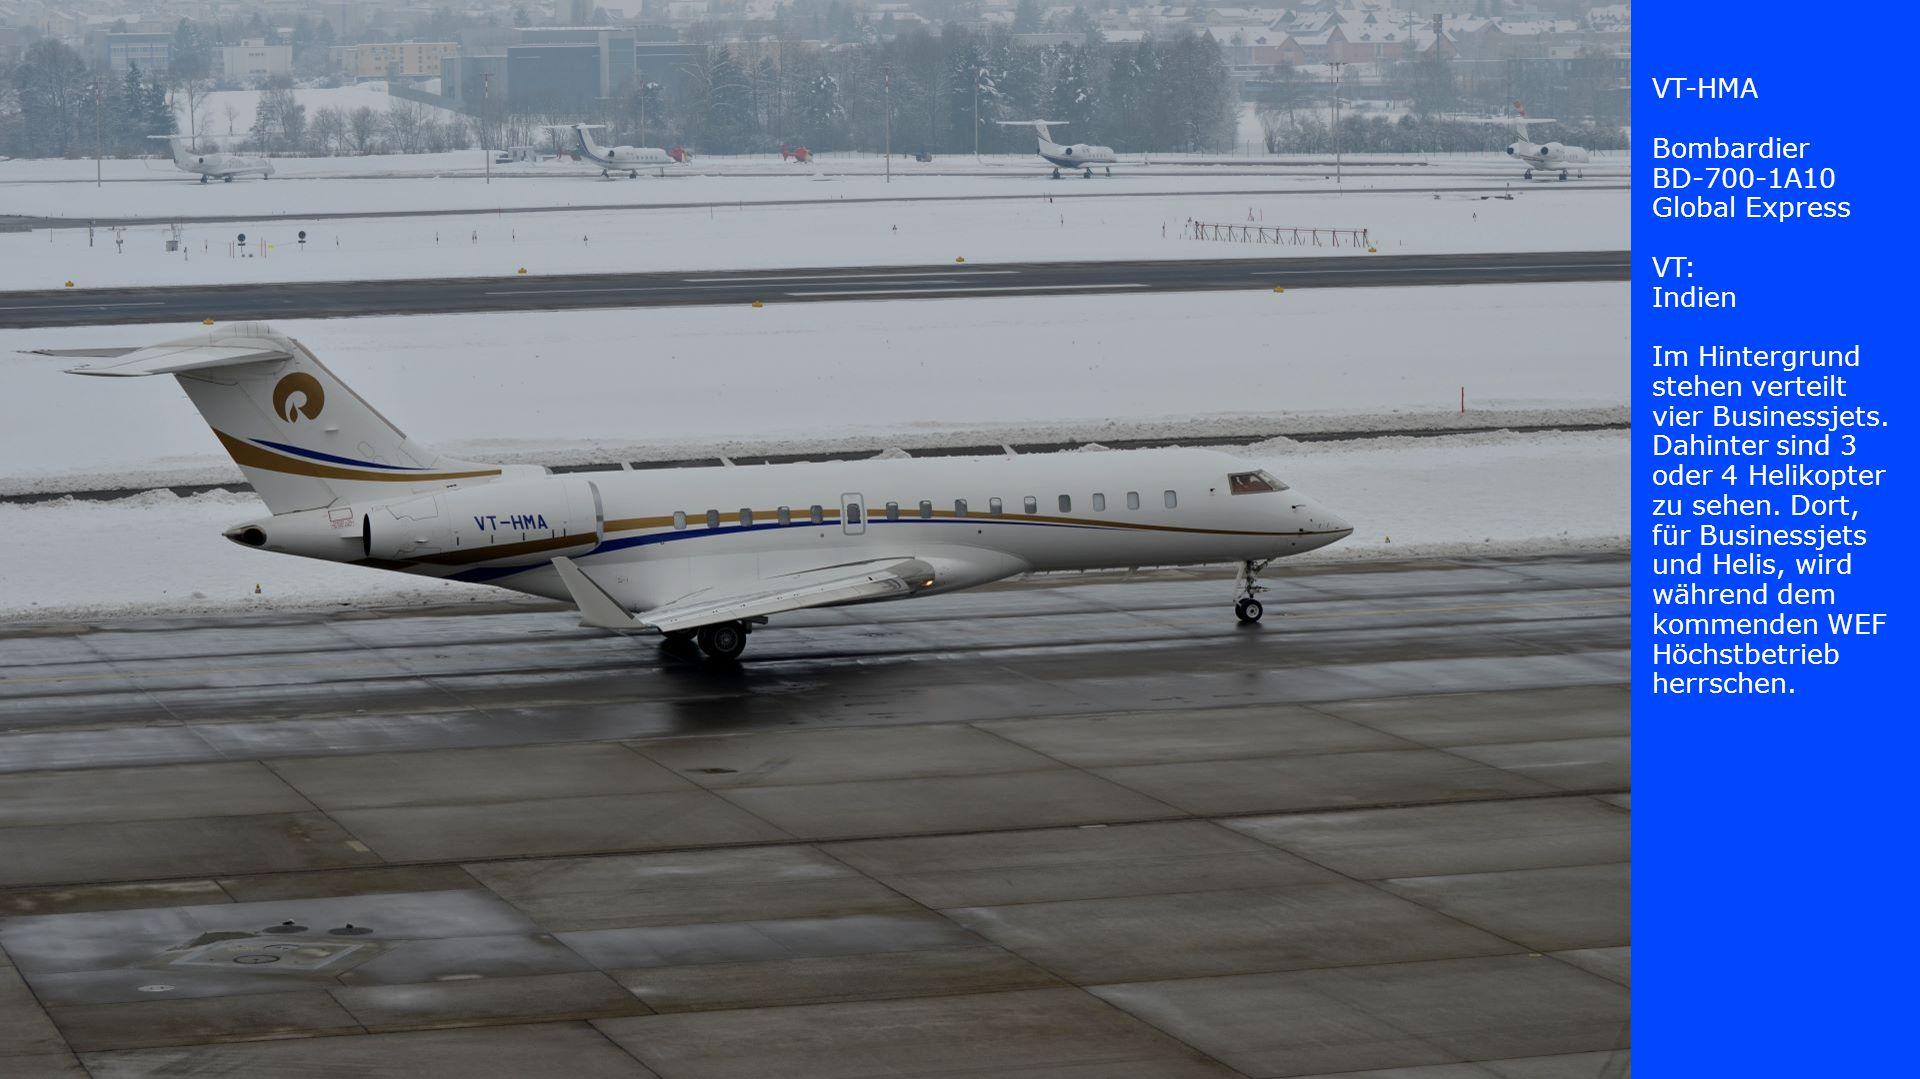 VT-HMA Bombardier. BD-700-1A10. Global Express. VT: Indien.